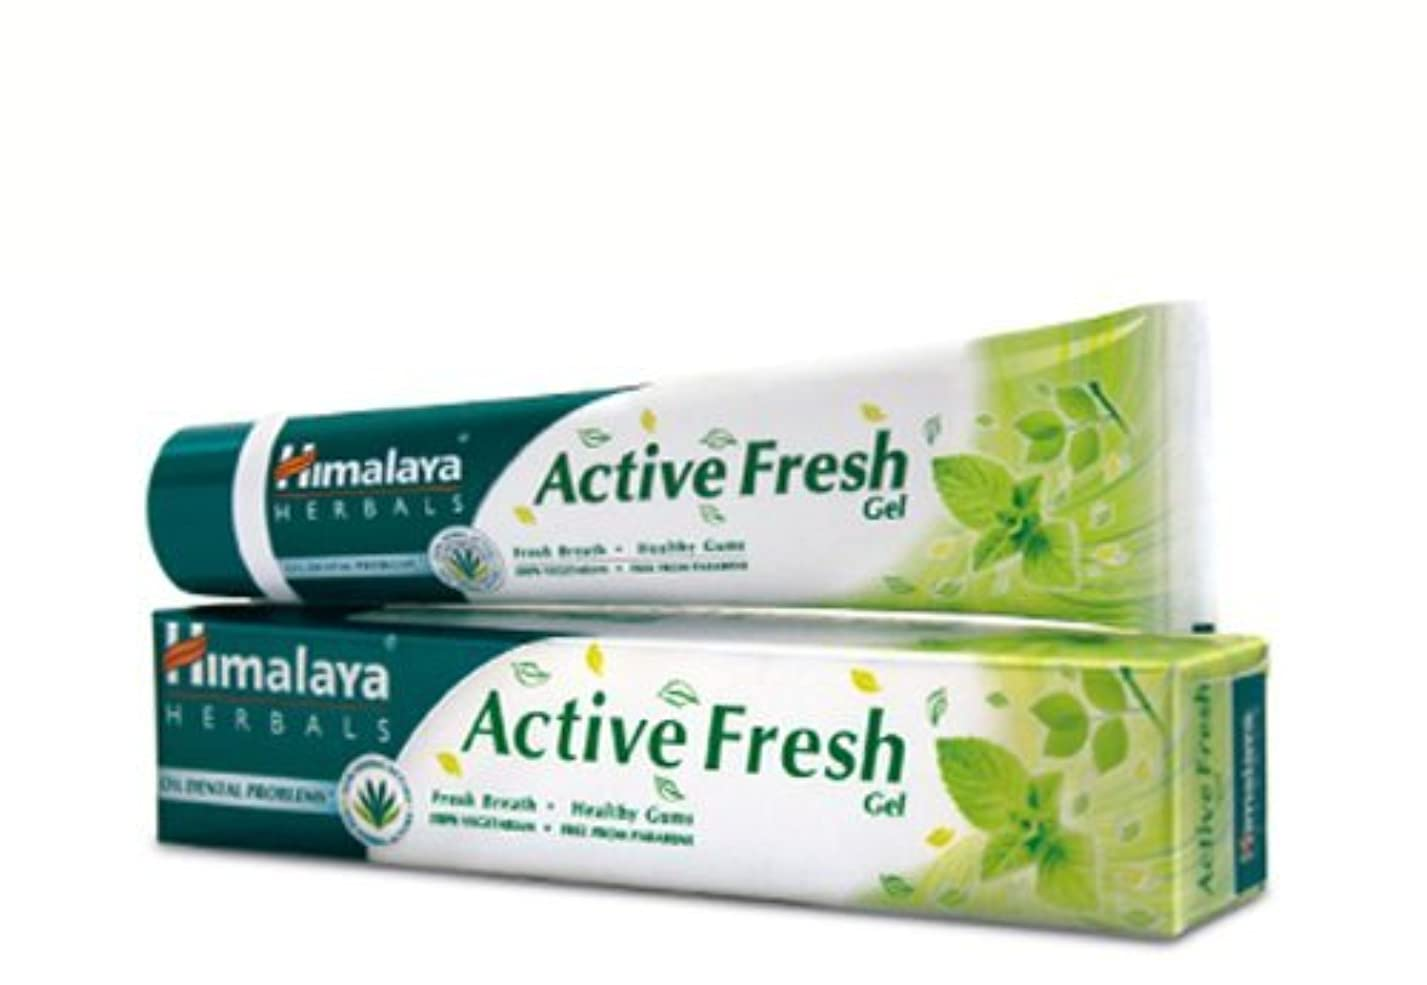 どっちでも経度フルーツヒマラヤ トゥースペイスト アクティブ フレッシュ(歯磨き粉)80g×4本 Himalaya Active Fresh Toothpaste